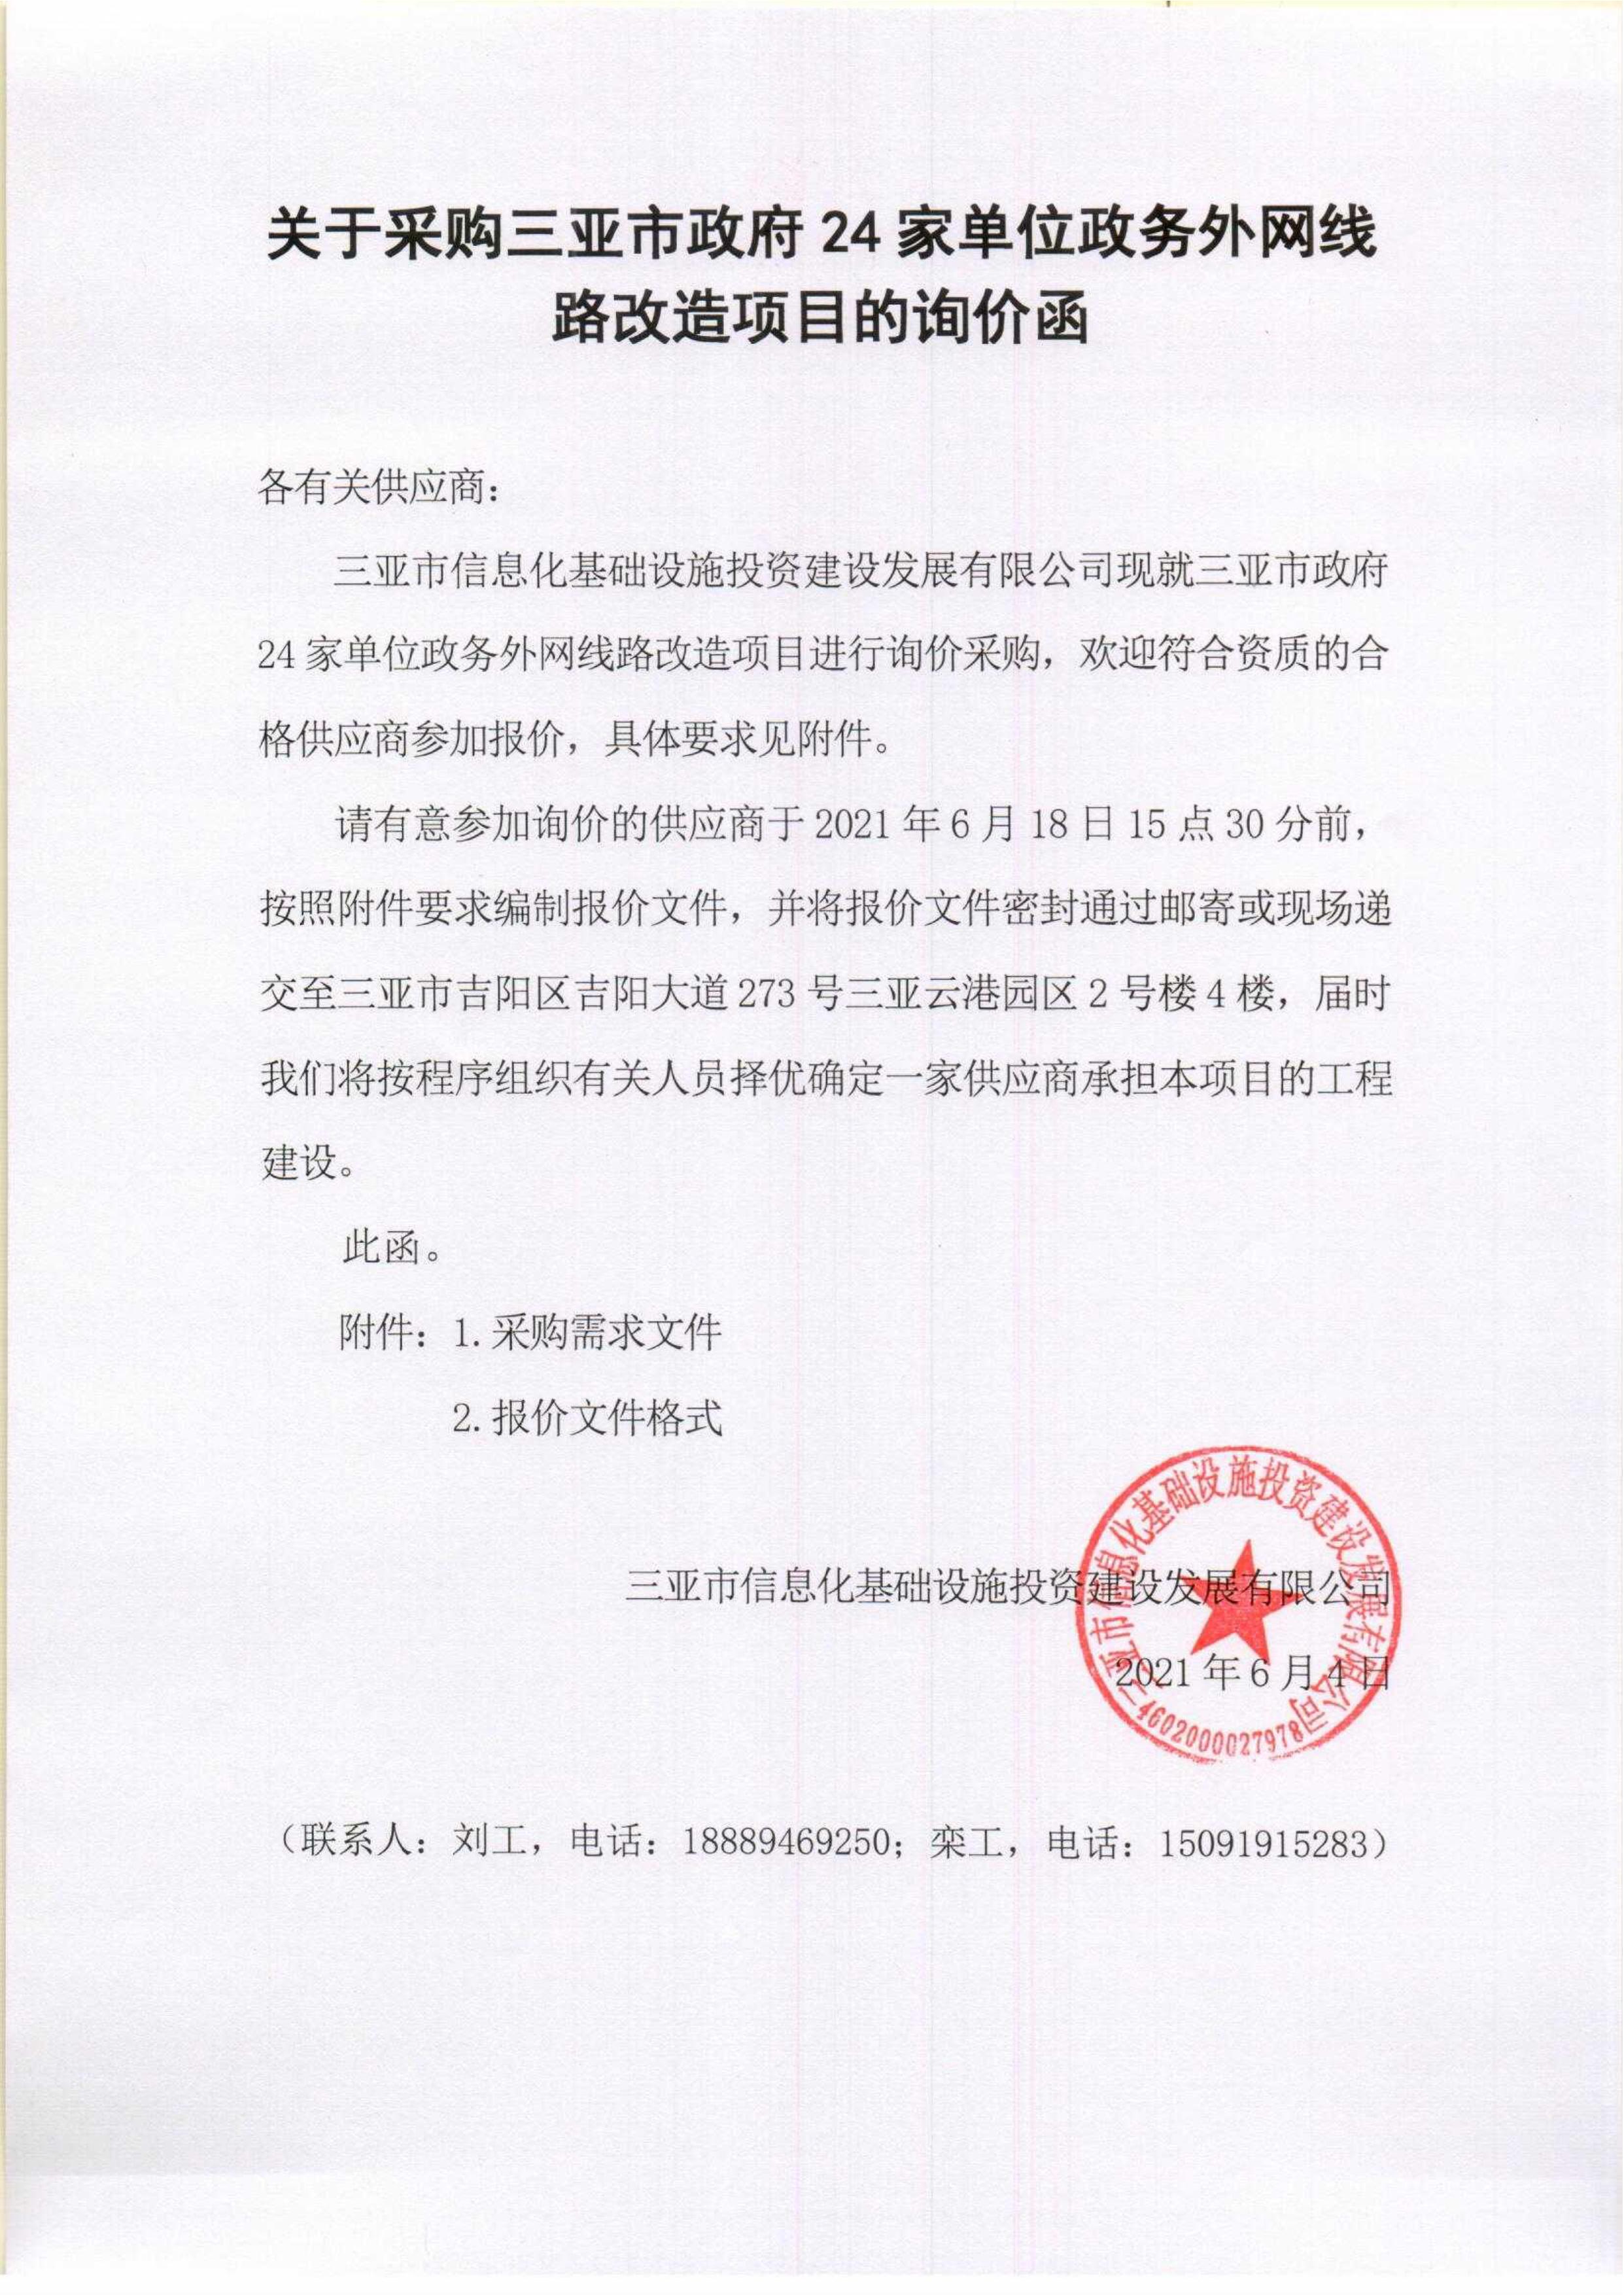 關于采購三亞市政府24家單位政務外網線路改造項目的詢價函